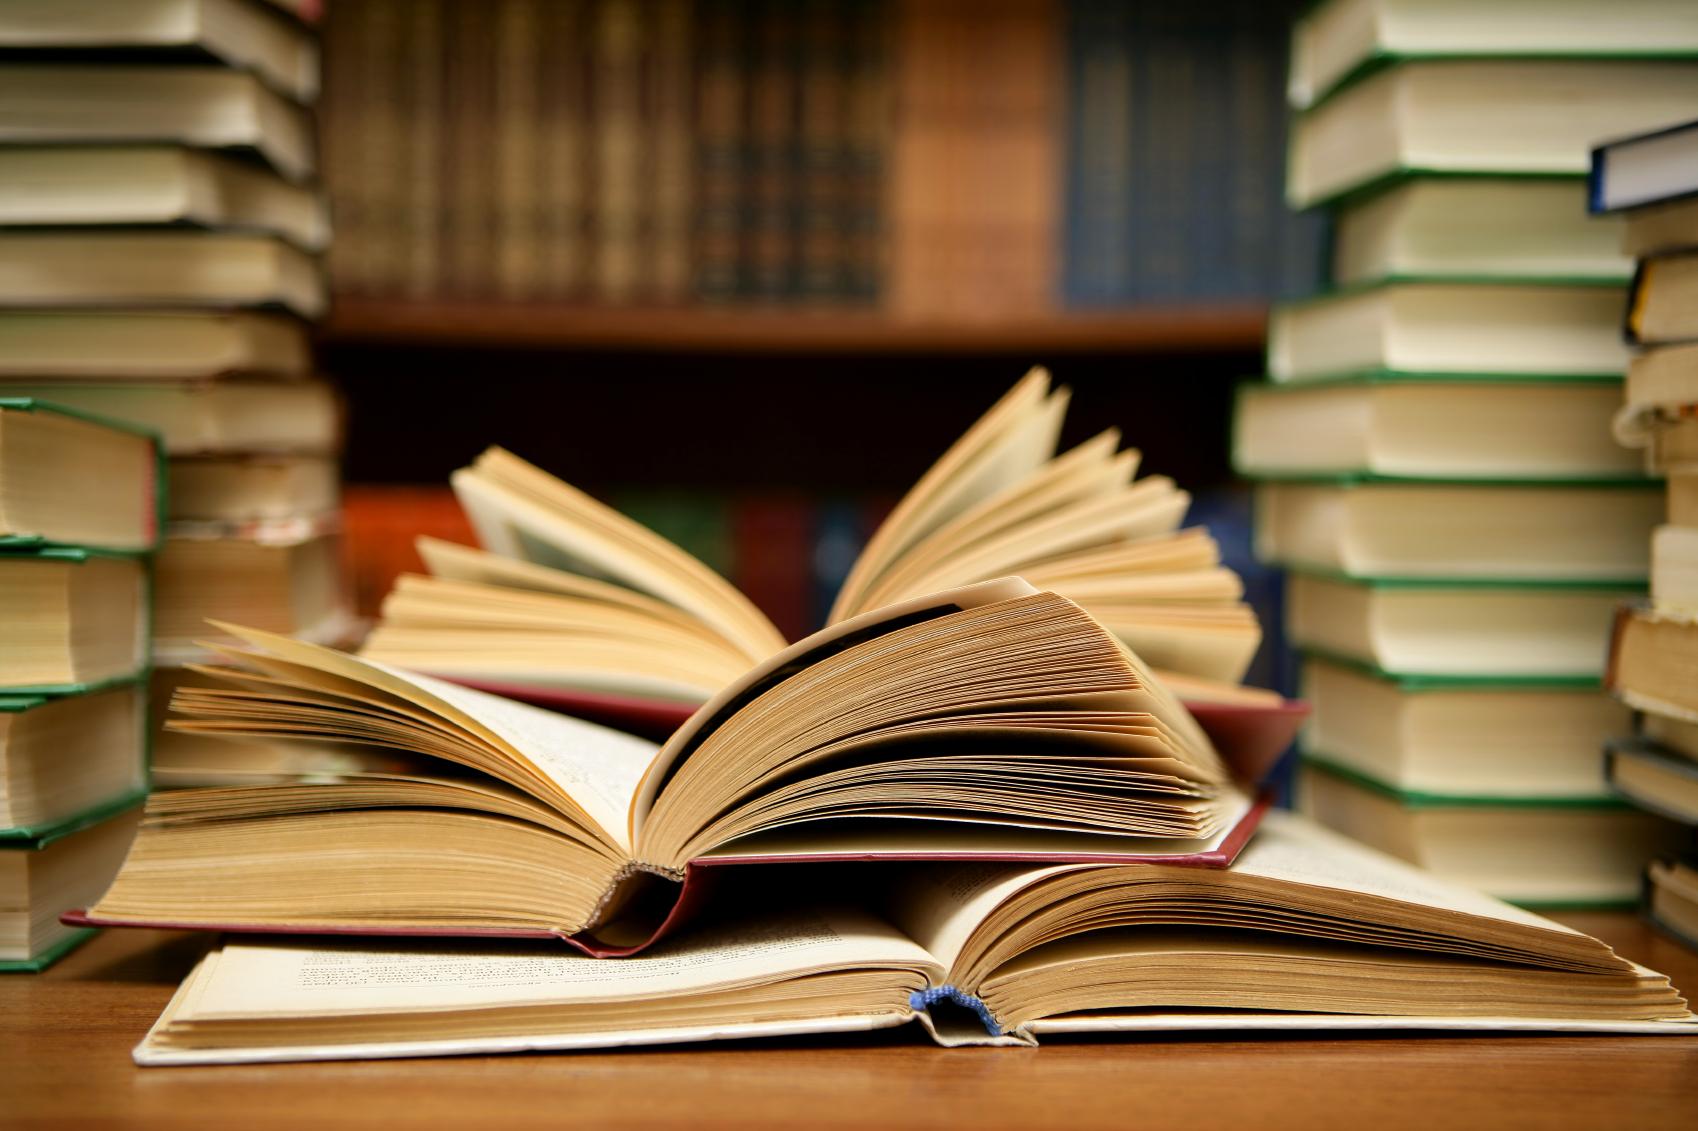 فهرست کتب منبع سؤالات آزمون سراسری سال 1398، نظام قدیم